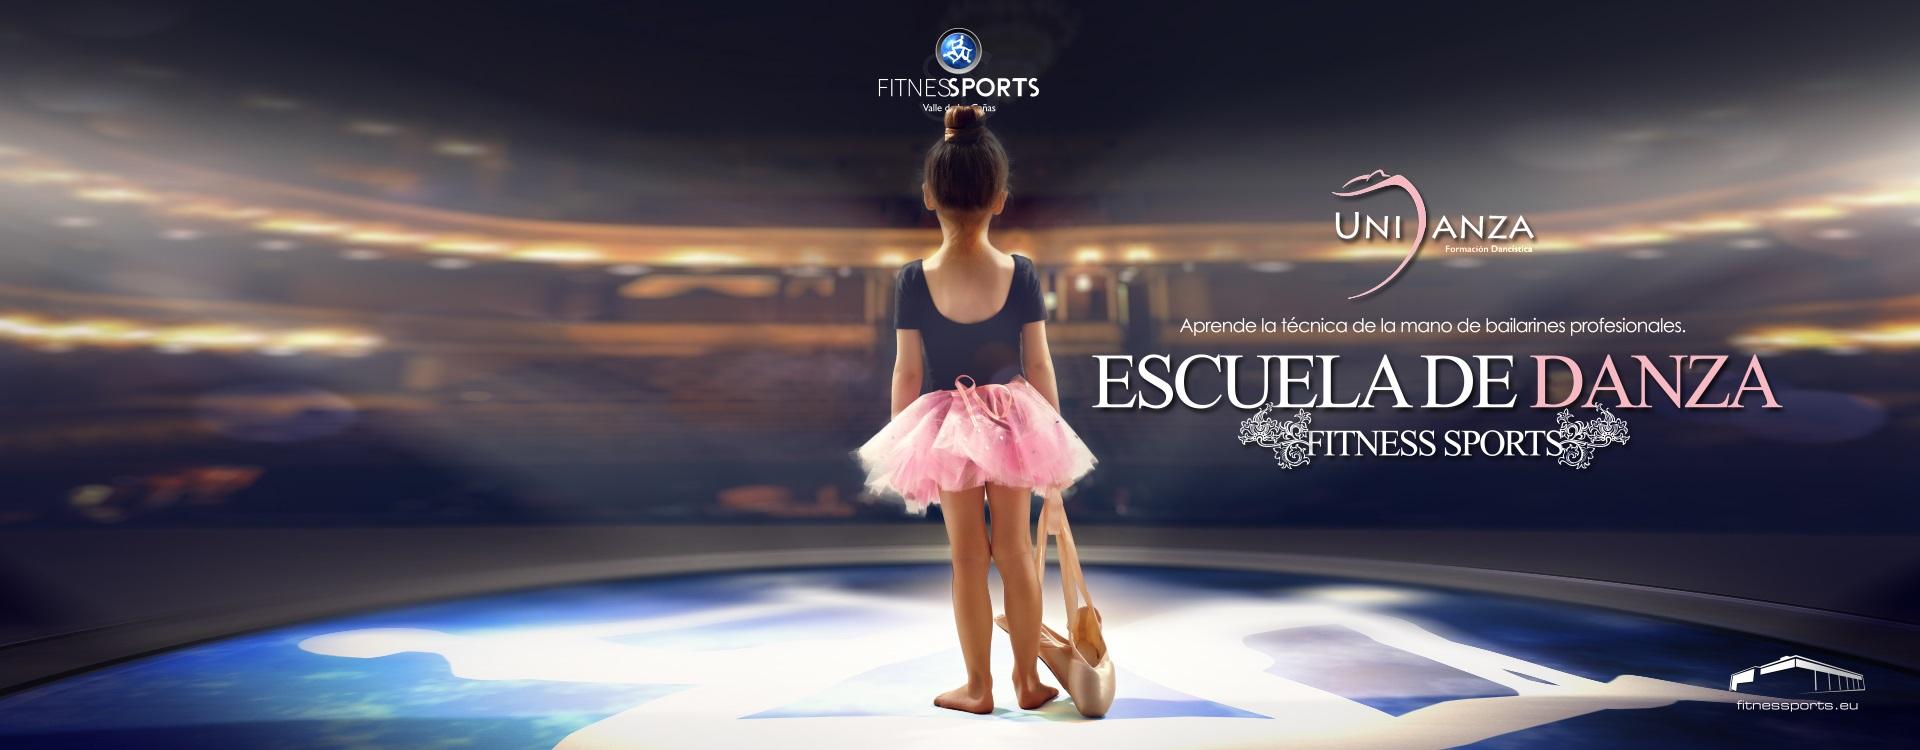 Nueva Escuela Danza Fitness Sports Unidanza Perfect Pixel Agencia de Publicidad en Madrid